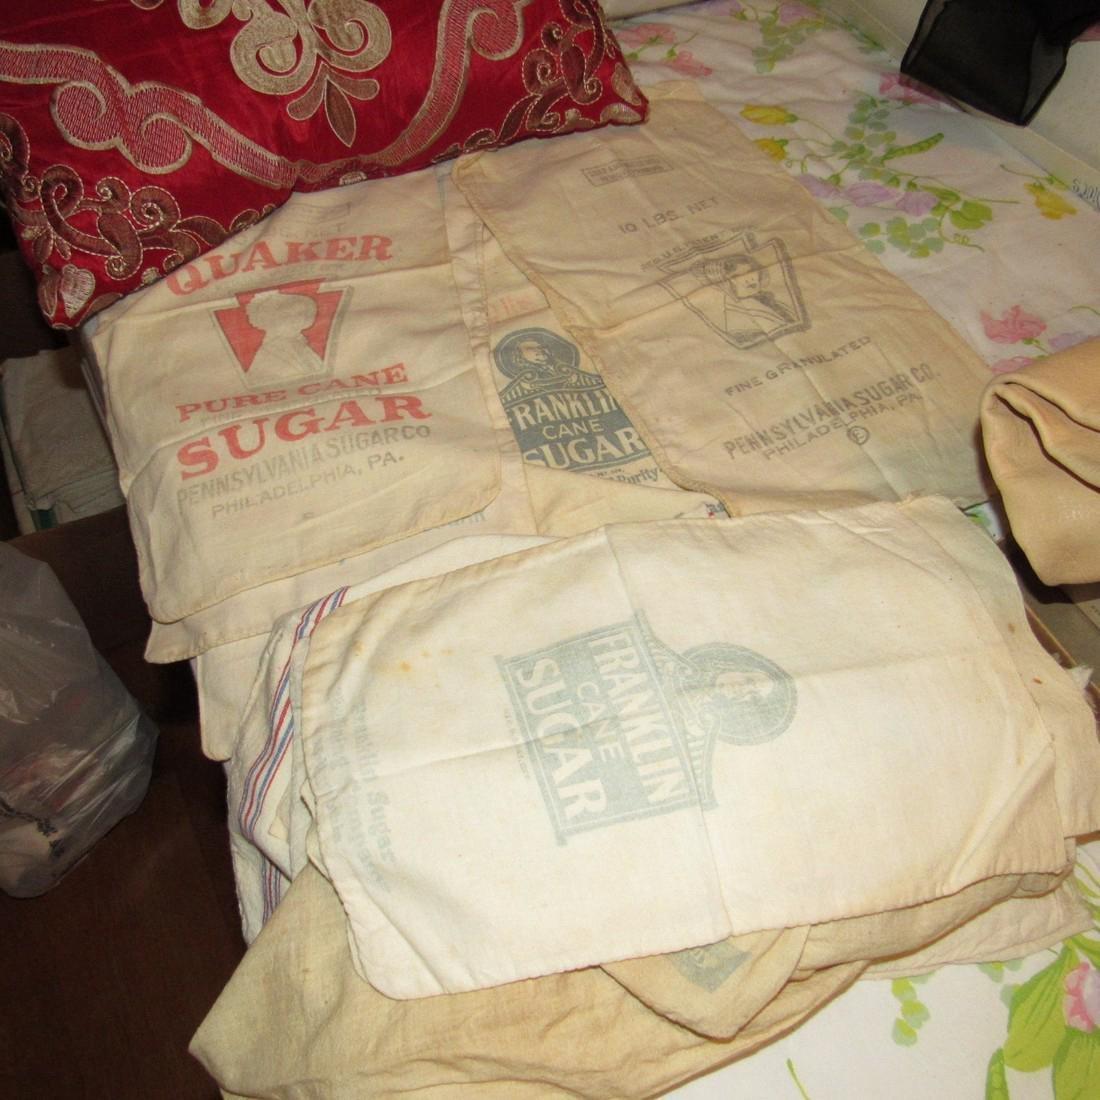 Bedspreads Pillows Blankets Doilies Hangers - 6